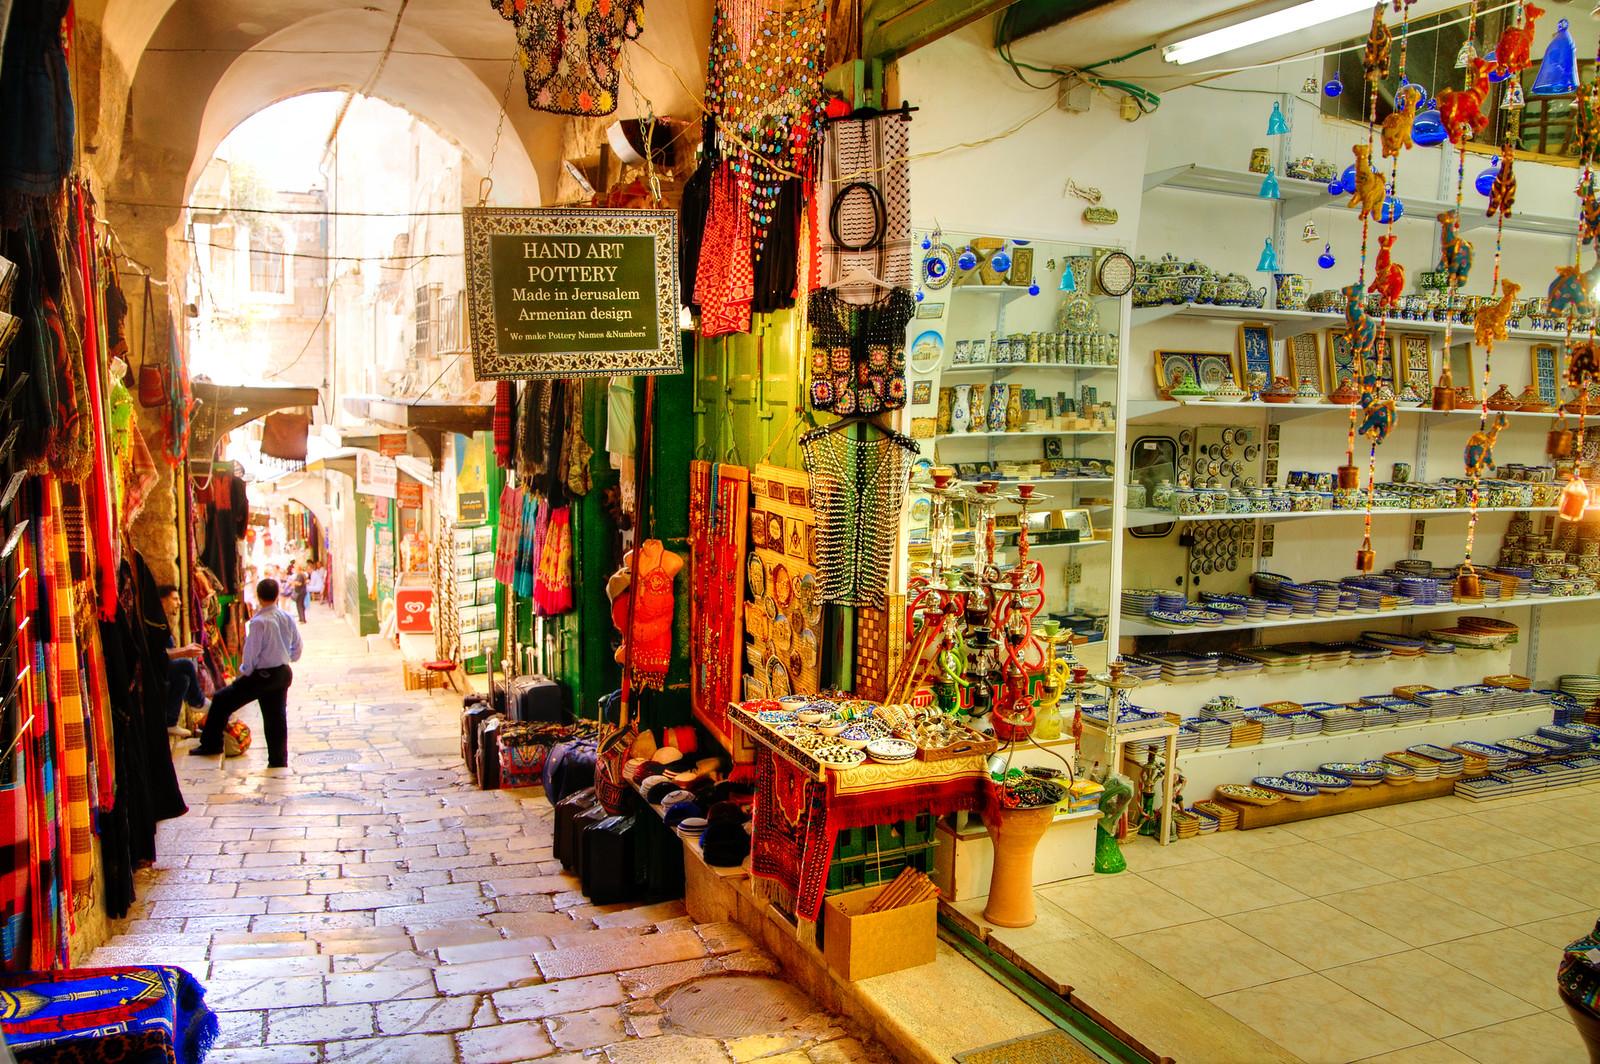 Jerusalem_OLd City market_8_Noam Chen_ IMOT